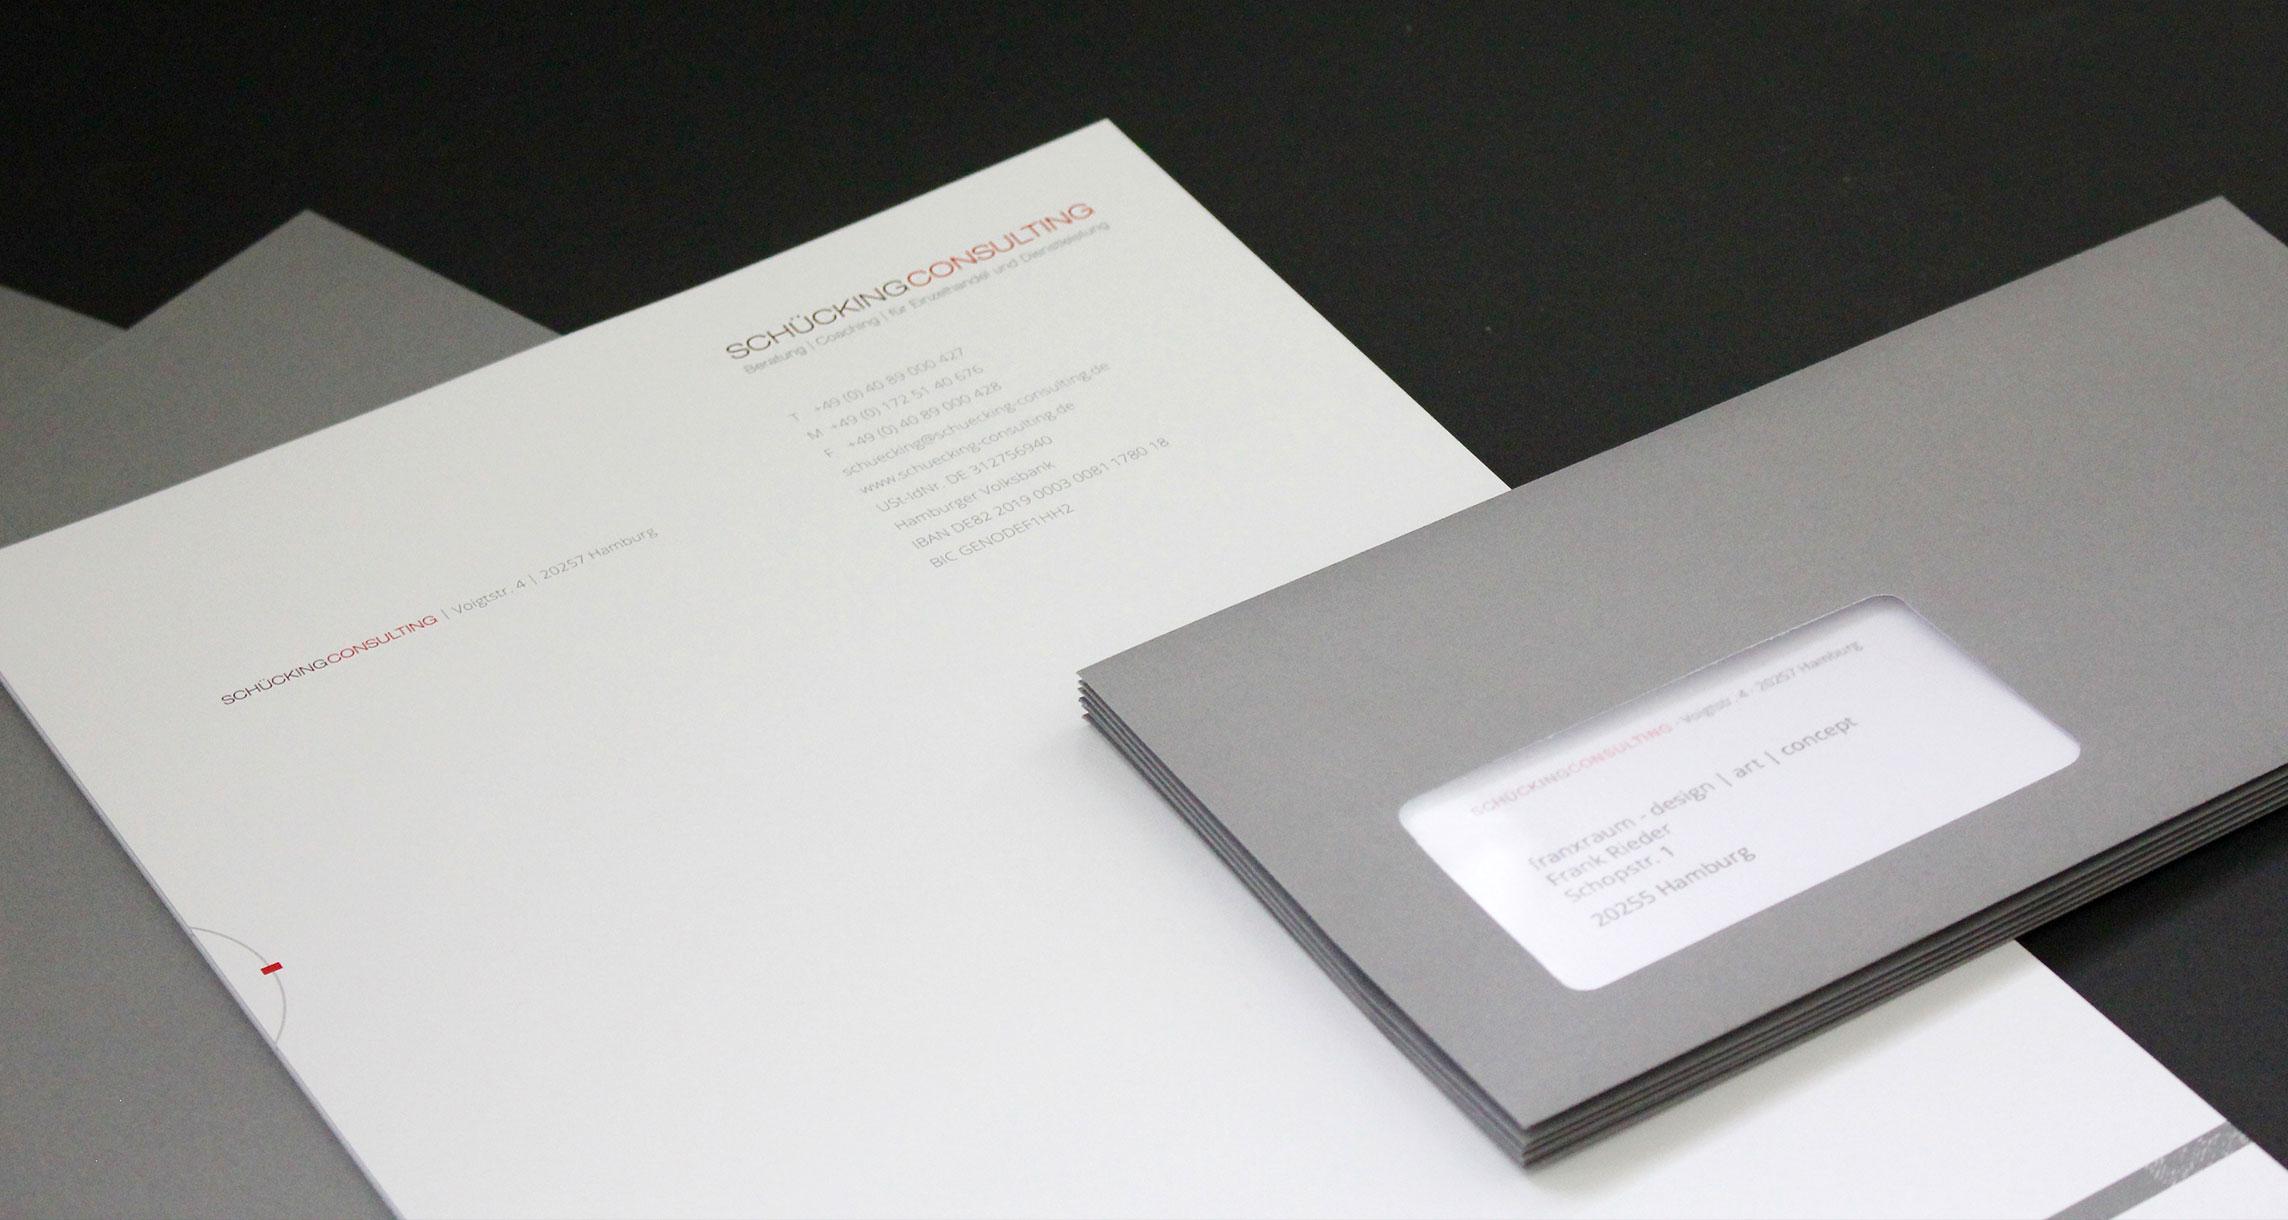 Geschäftsausstattung Schückingconsulting: Brief und Umschlag